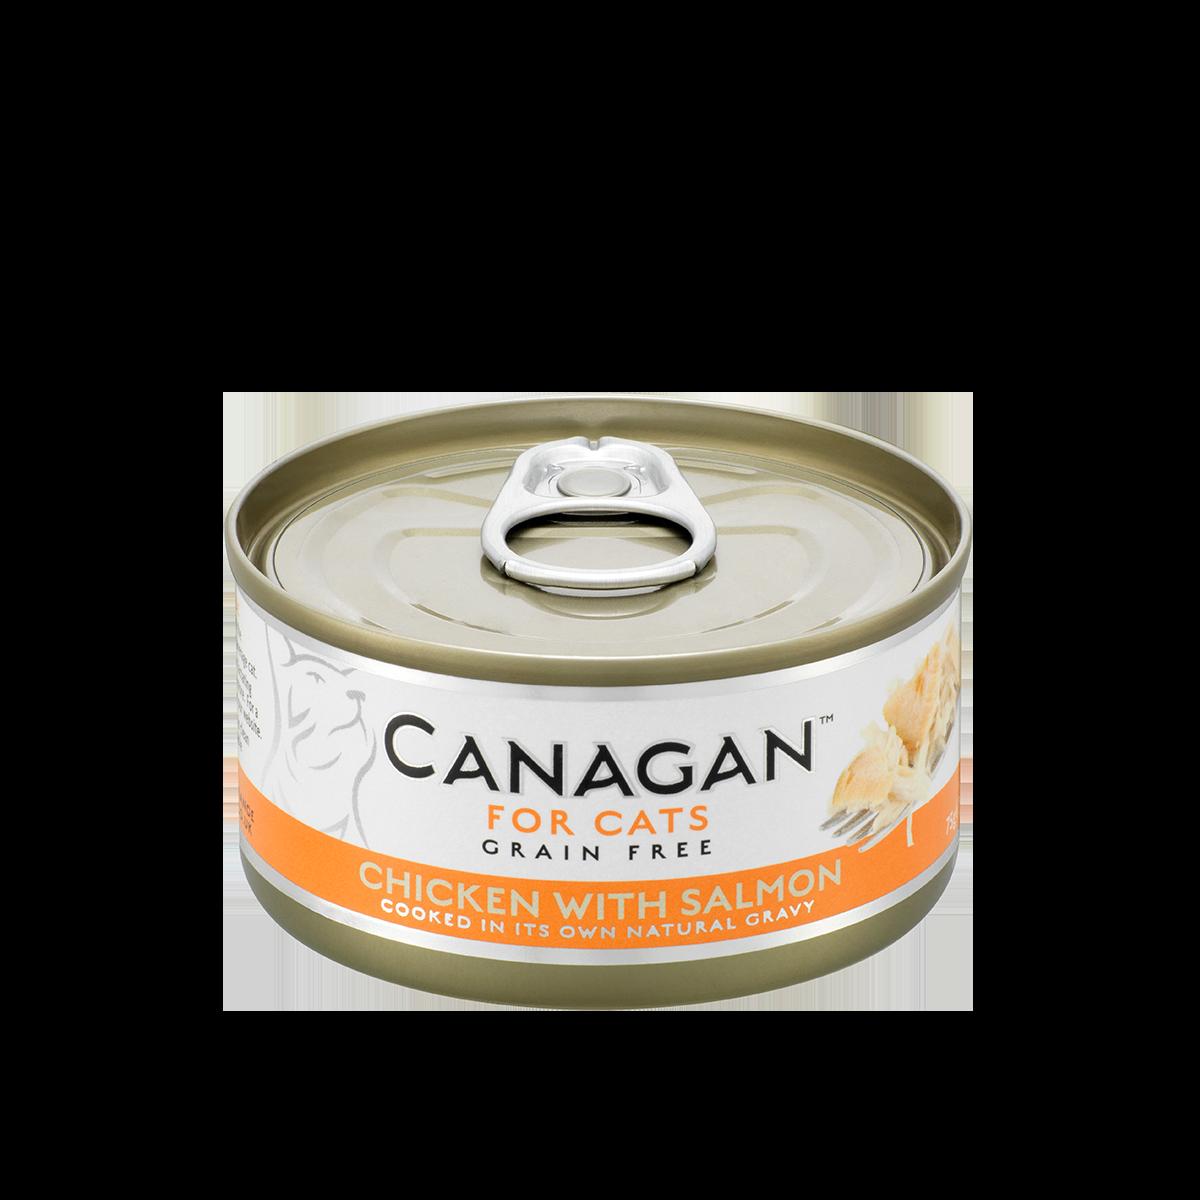 CANAGAN 原之選無穀物天然貓罐頭(主食罐) - 雞肉伴三文魚配方 75g